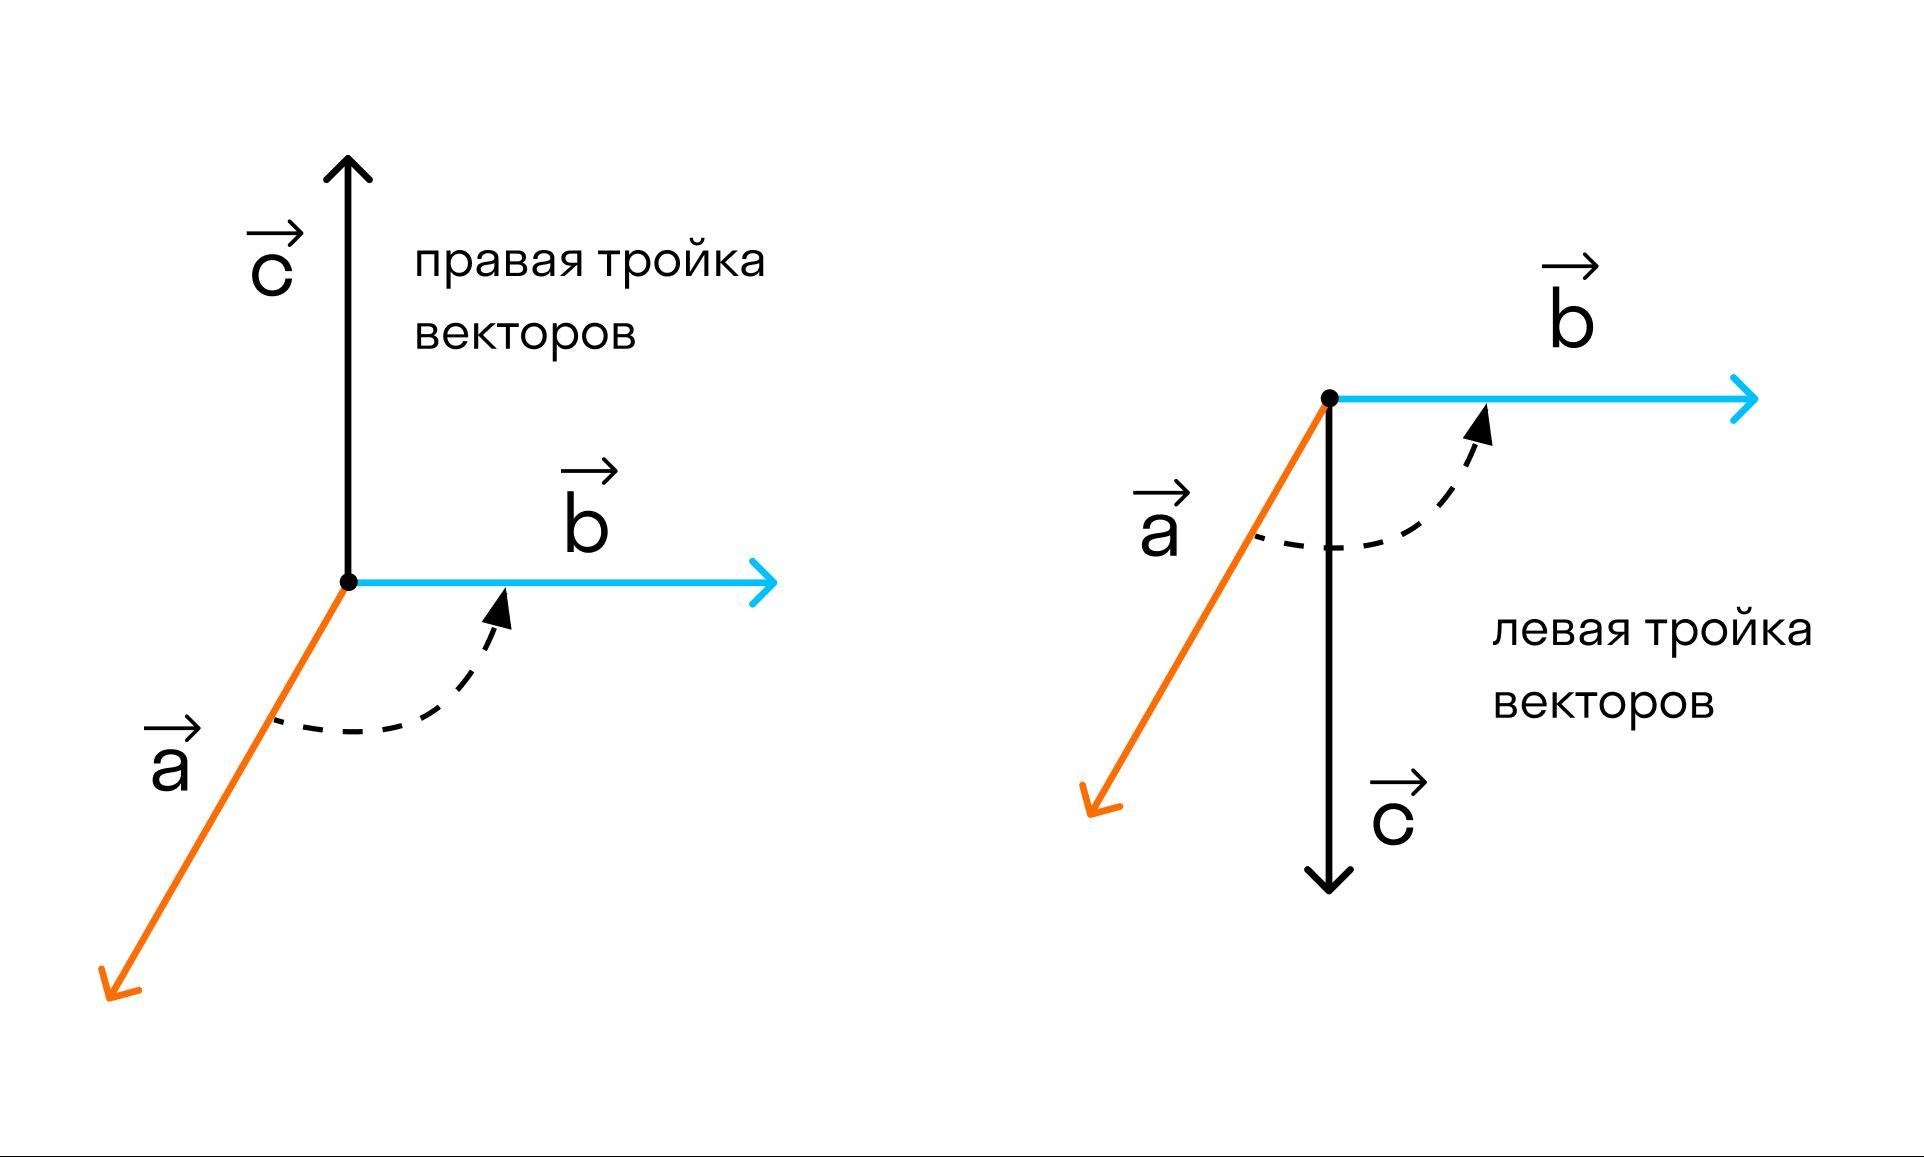 тройка векторов рис2